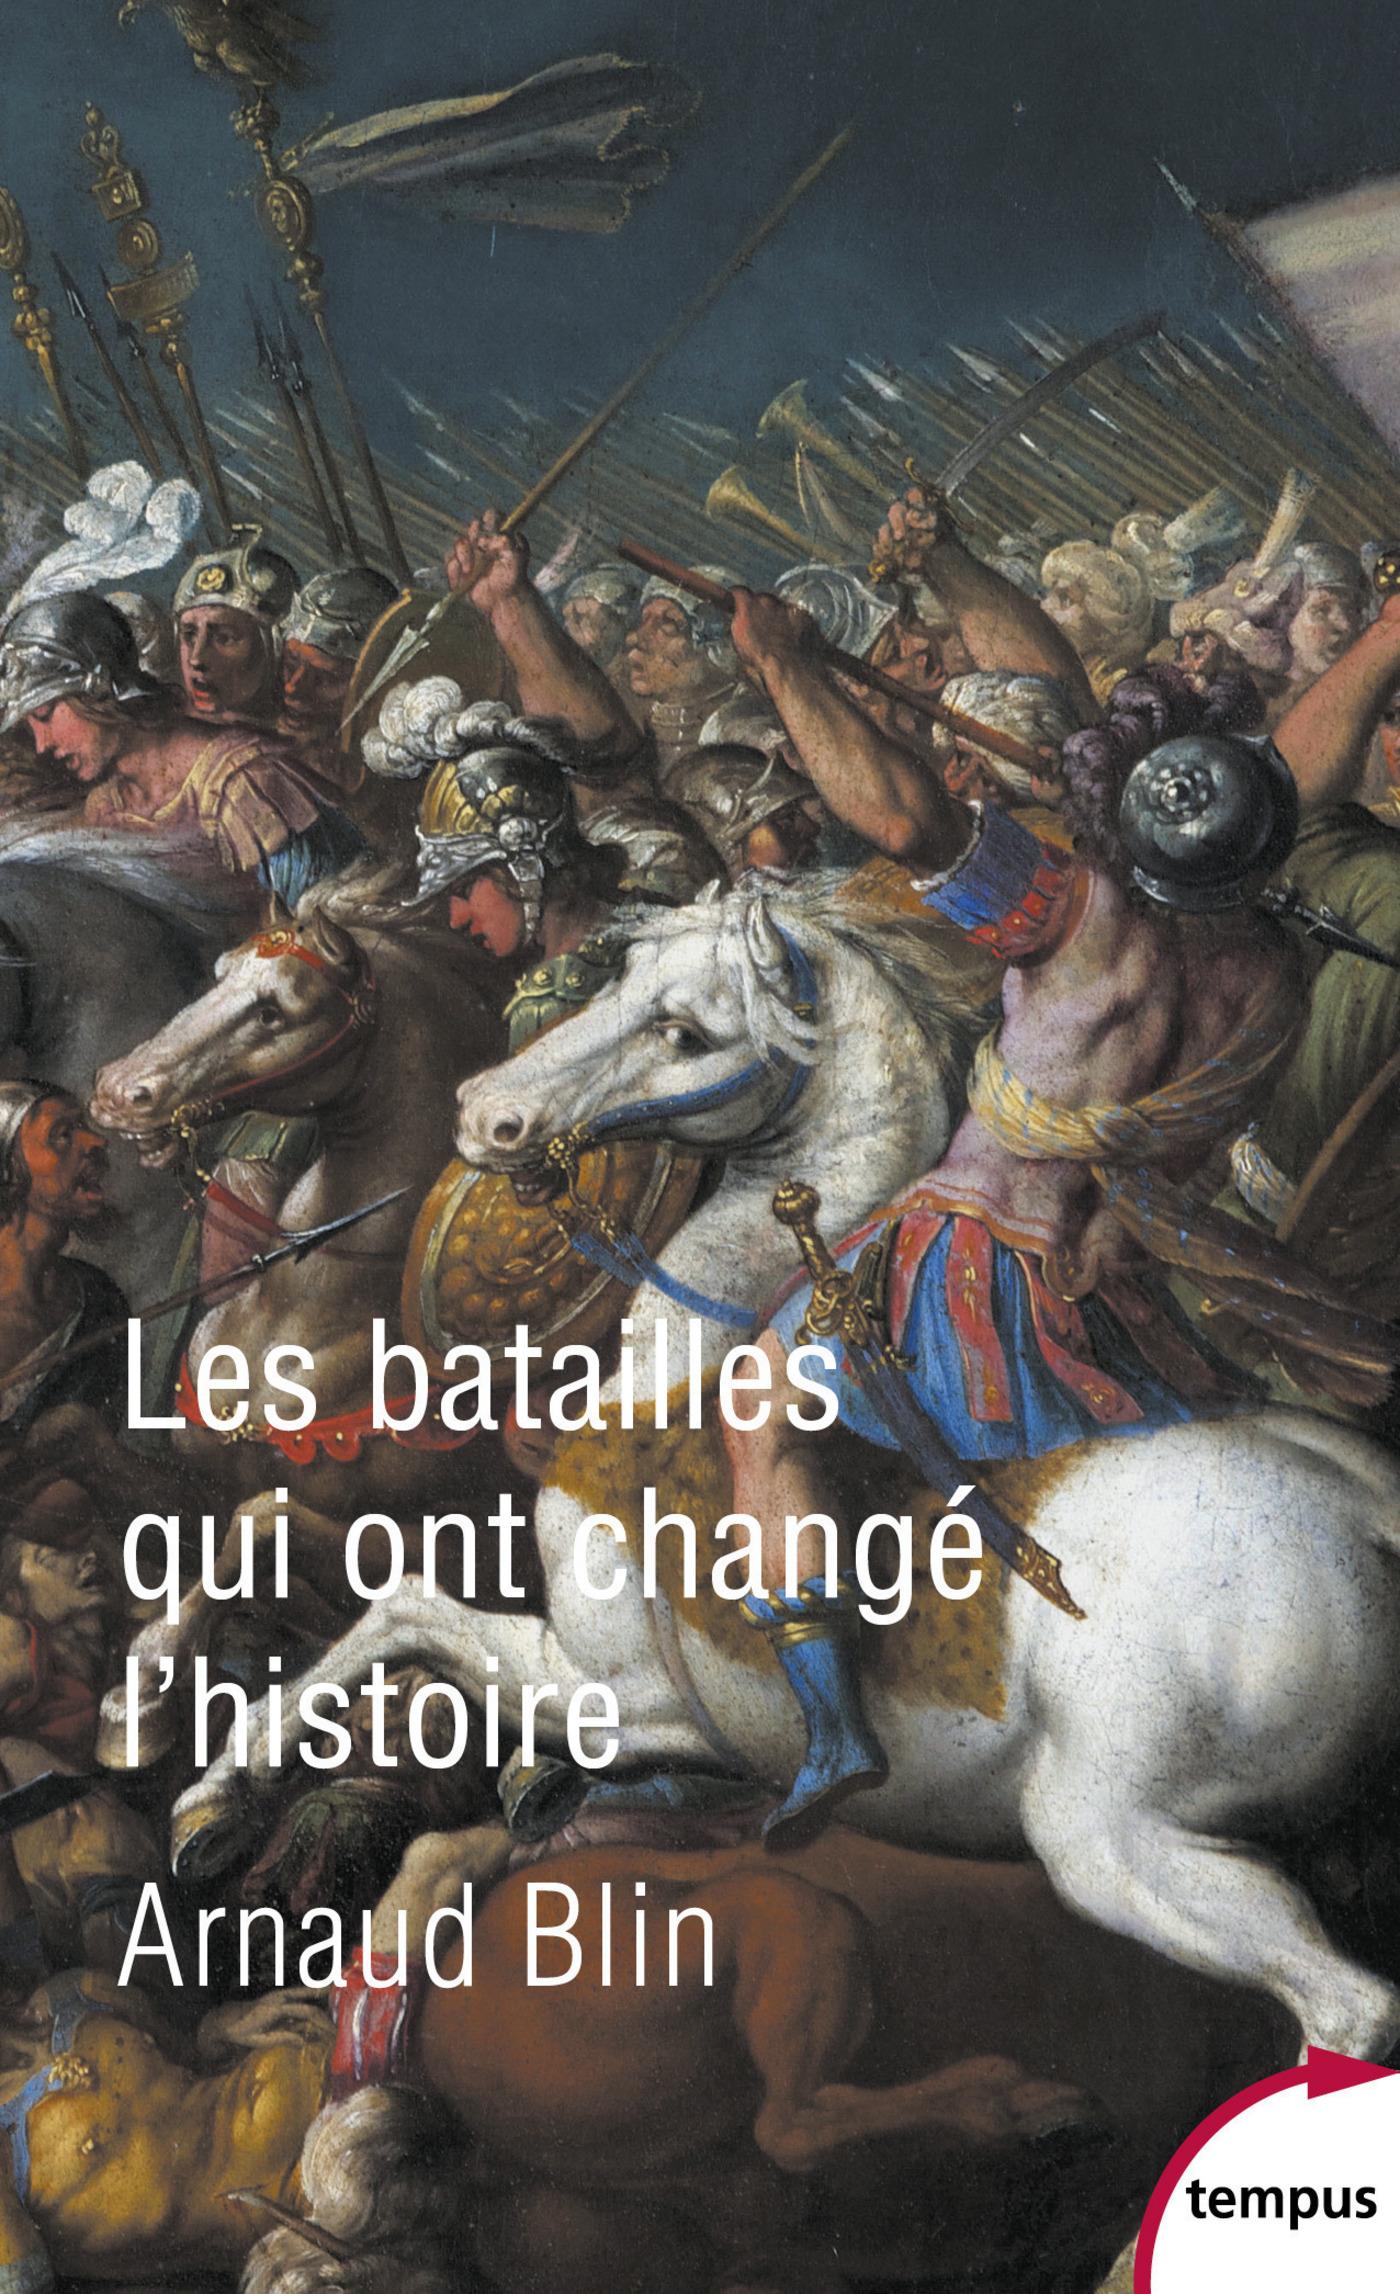 Les batailles qui ont chang? l'histoire